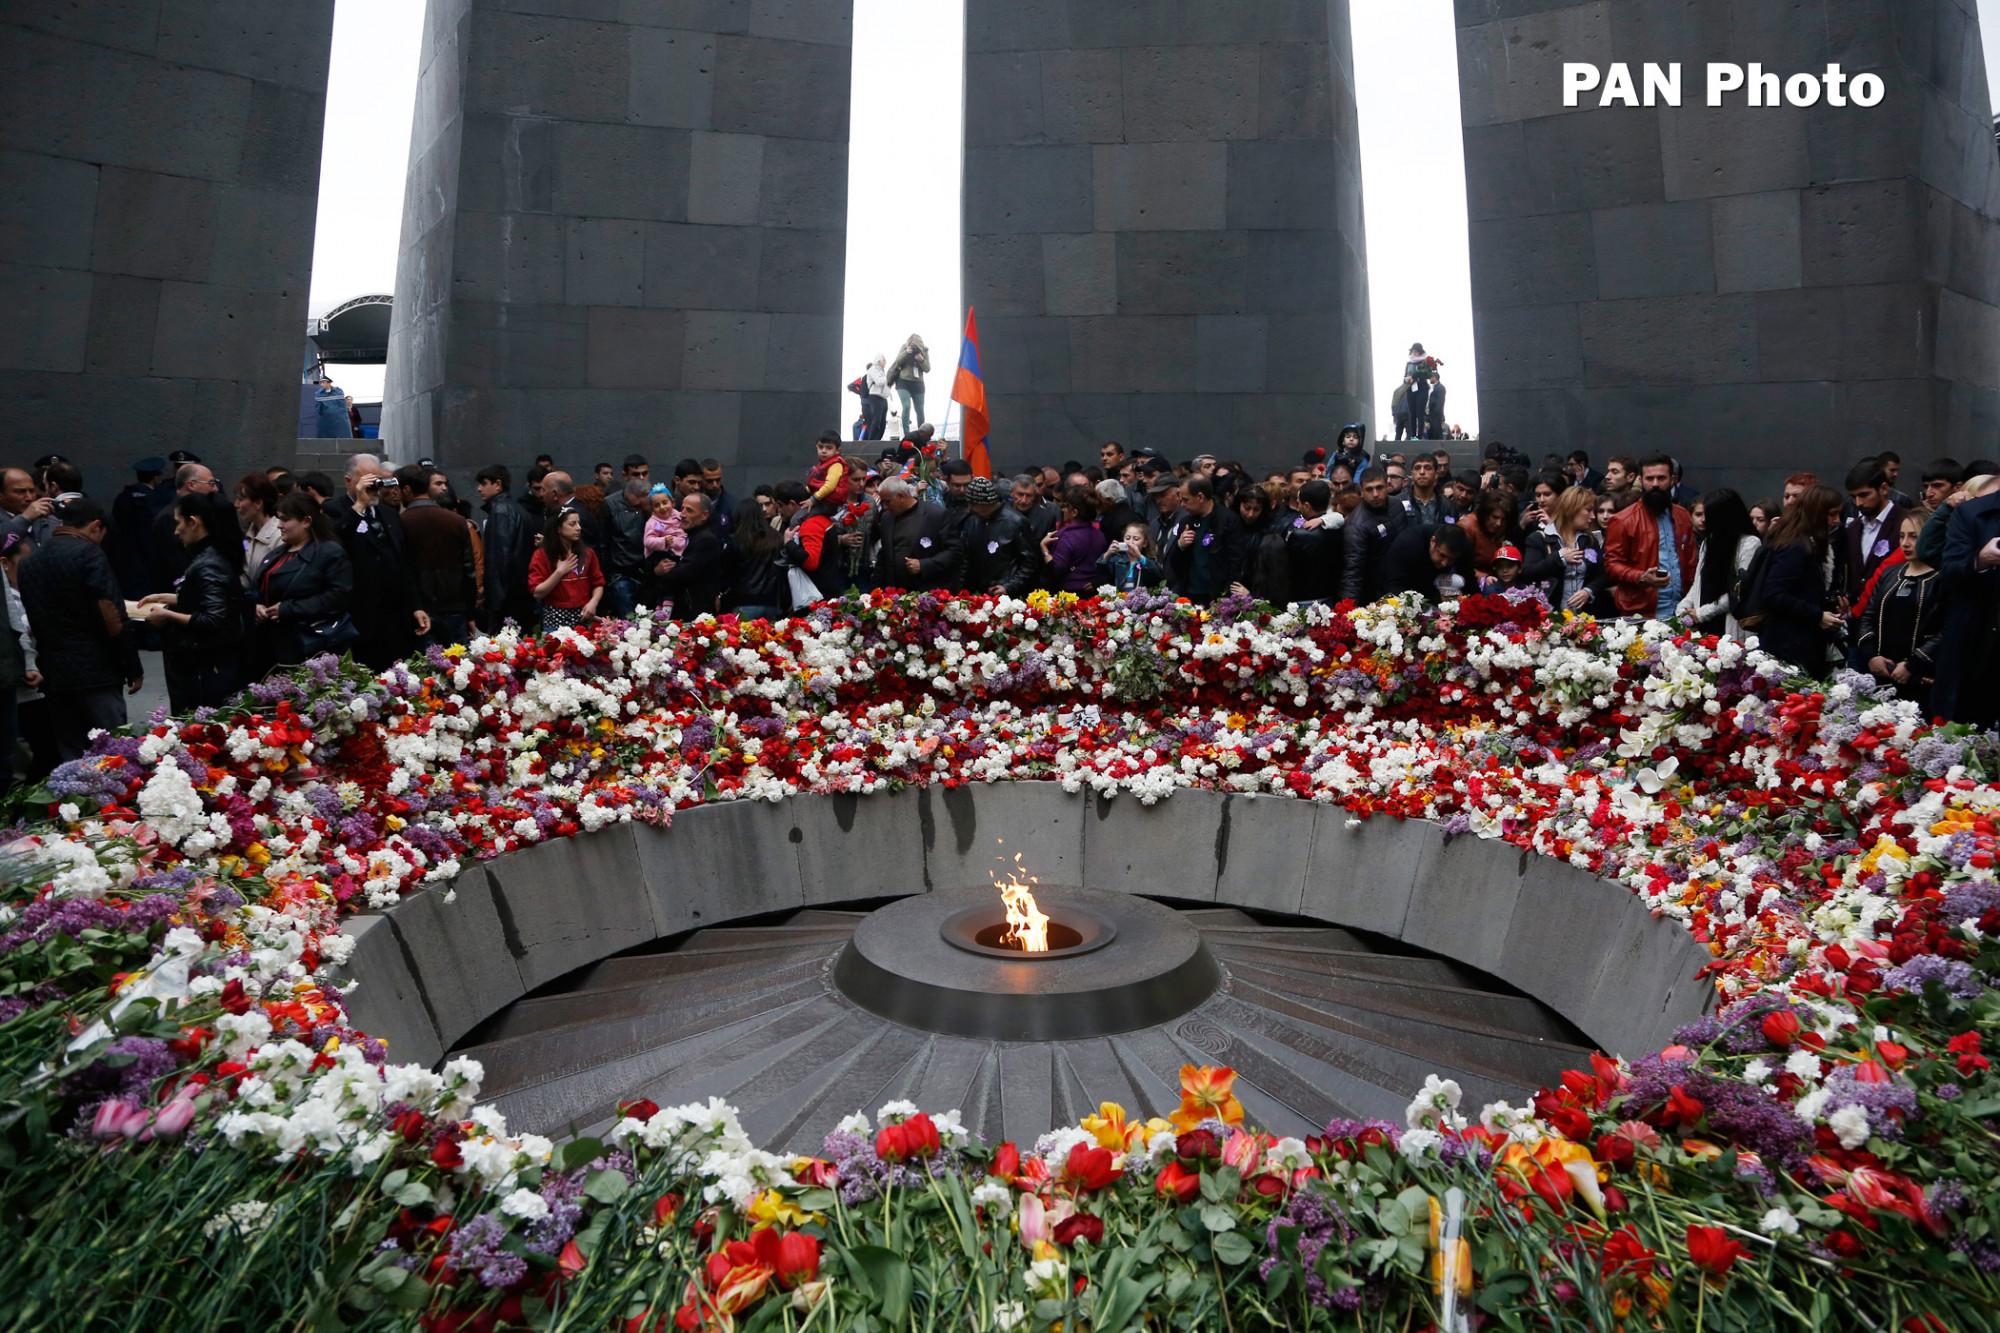 того, фотоколаж геноцид армян поздравления такого эффекта